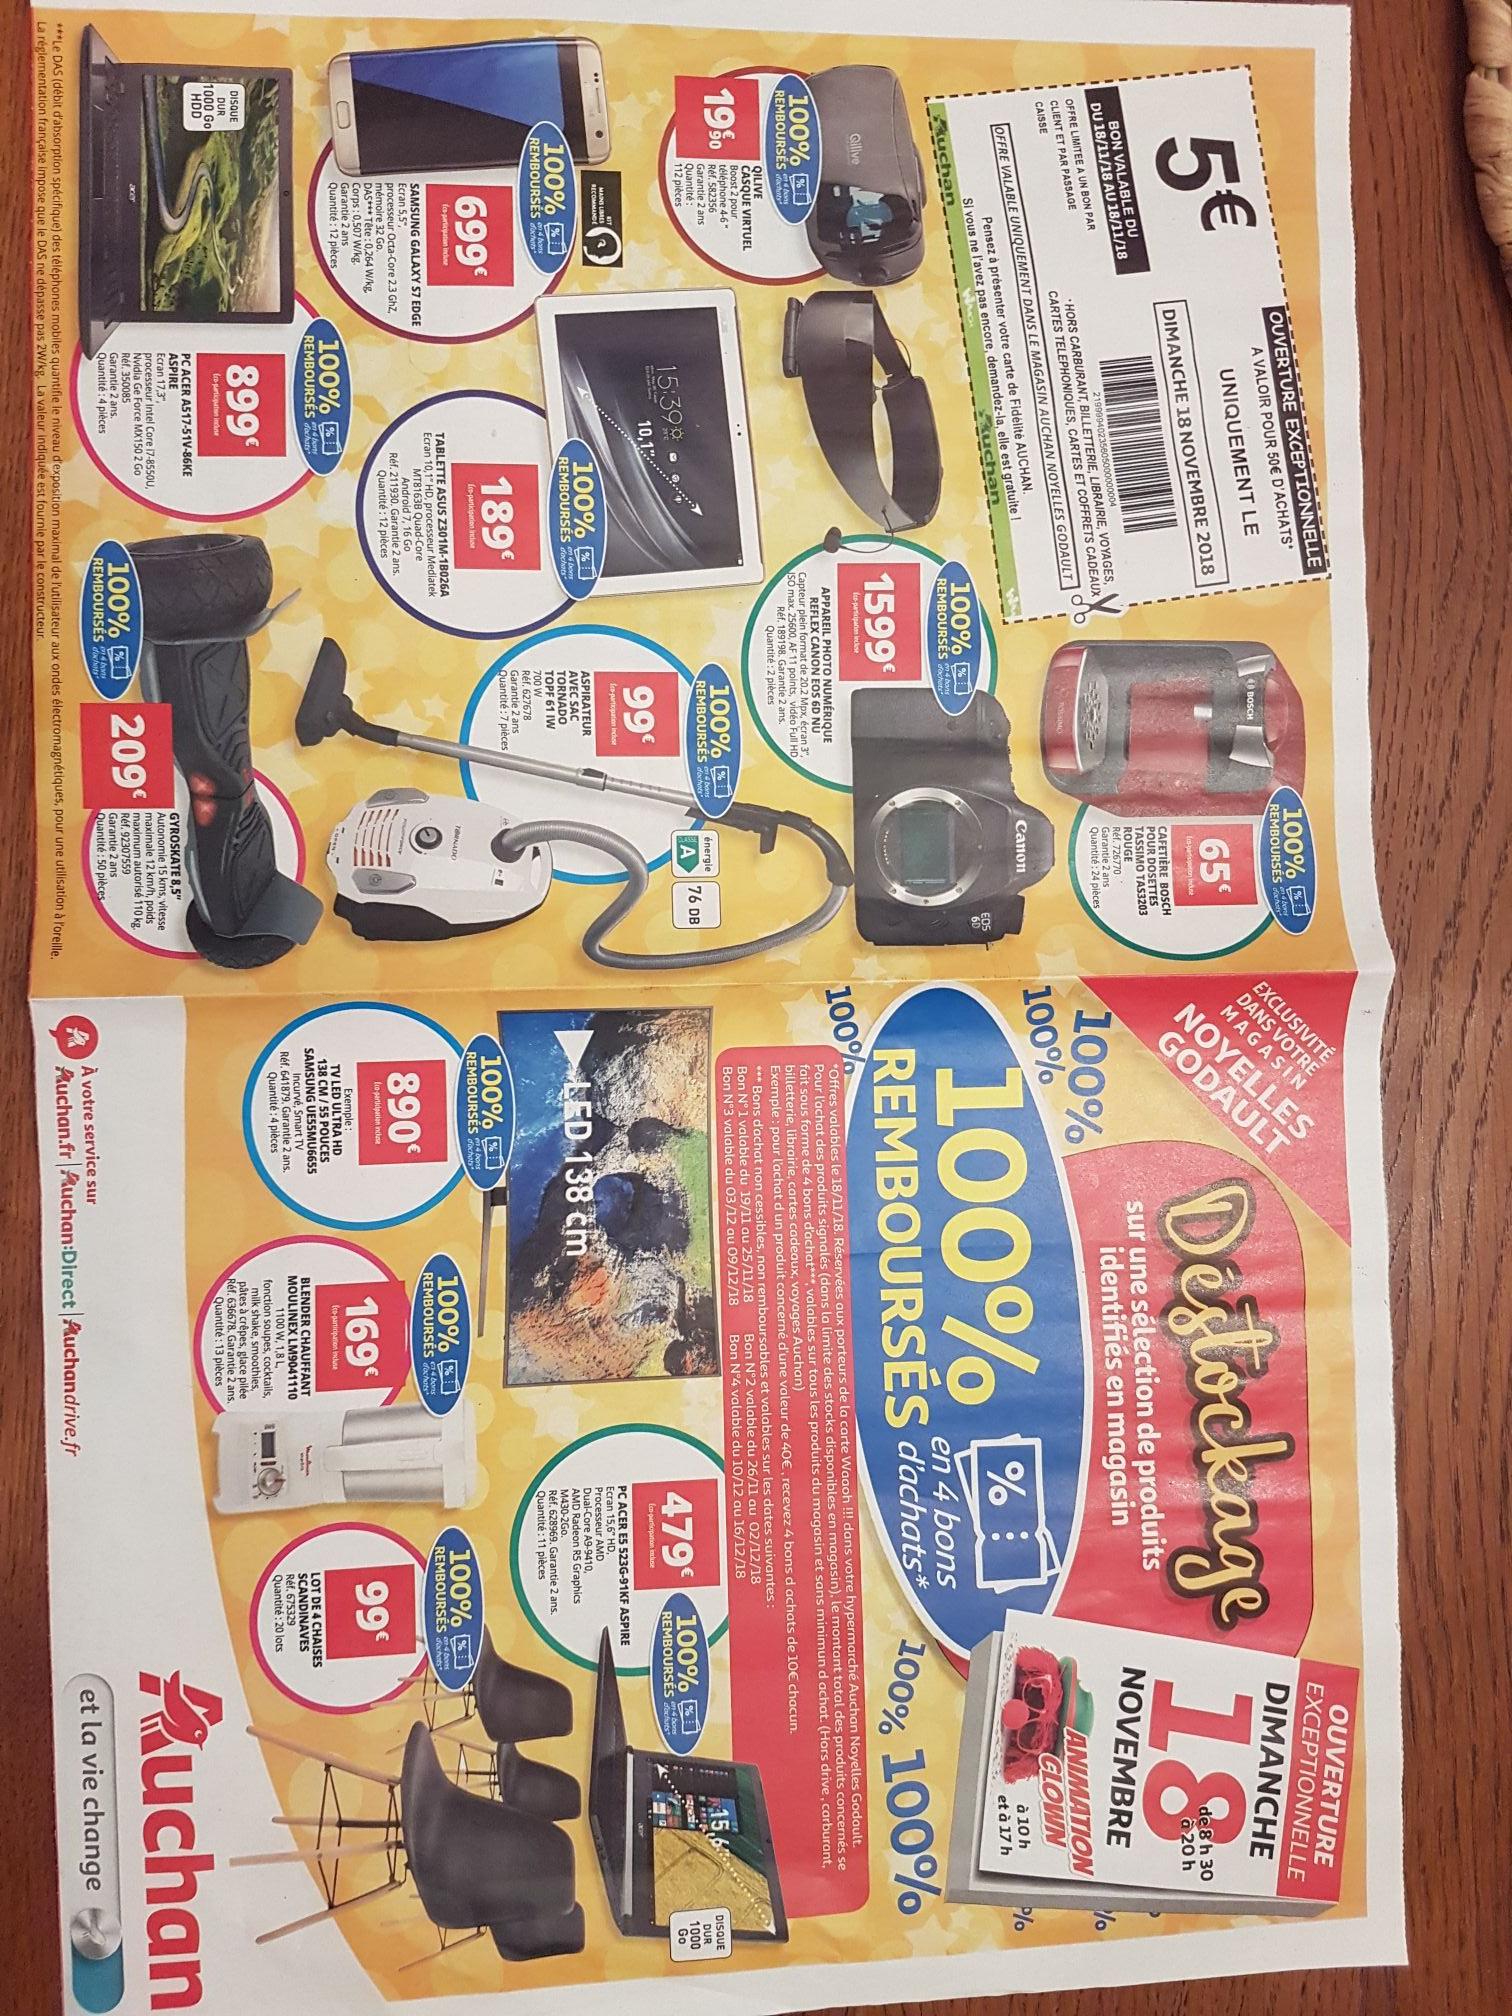 Sélection d'articles 100% remboursés en 4 bons d'achats - Auchan noyelles godault (62)